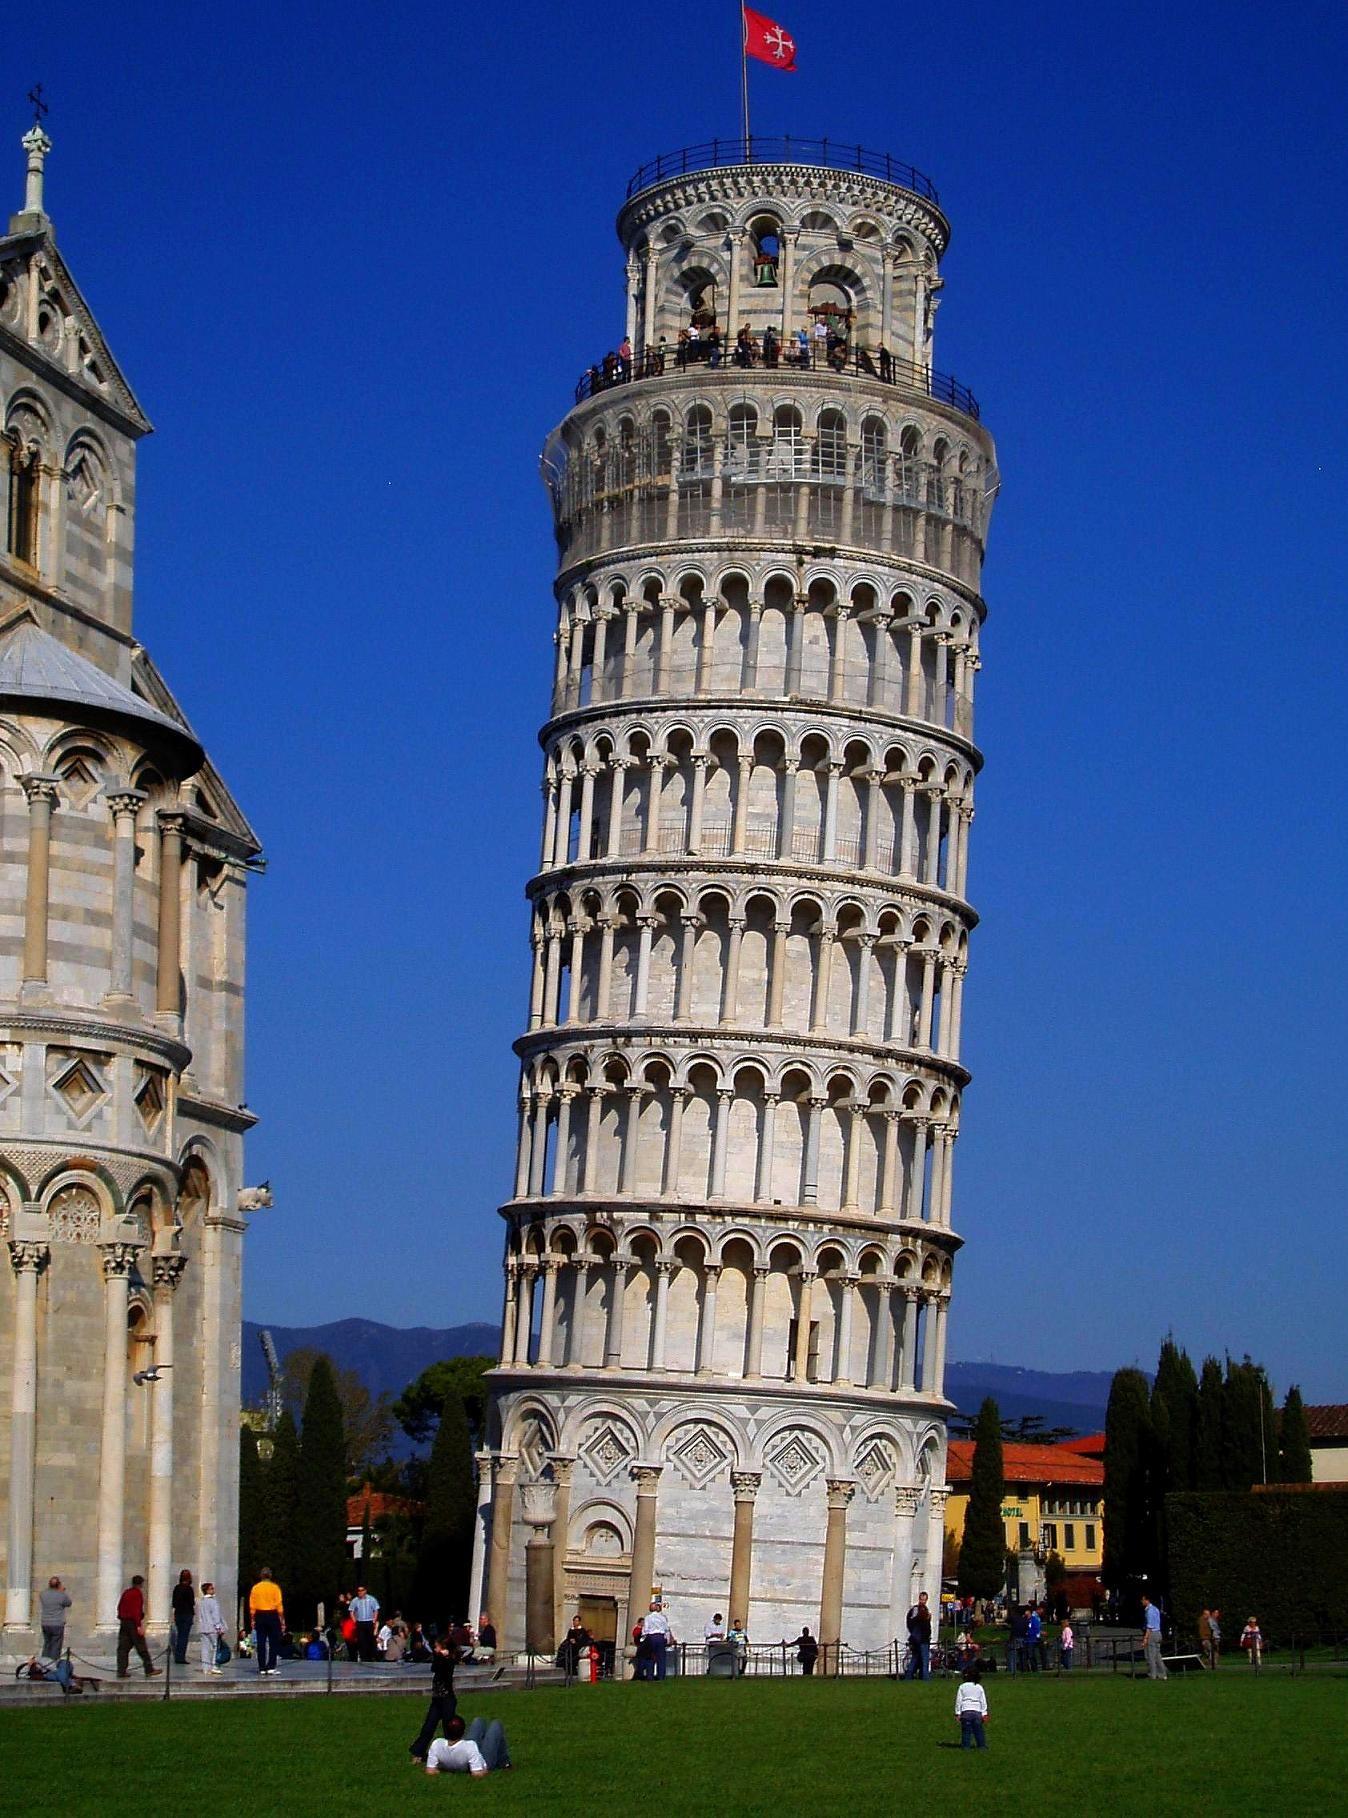 Torre Pendente Di Pisa Torre Di Pisa Leaning Tower Of